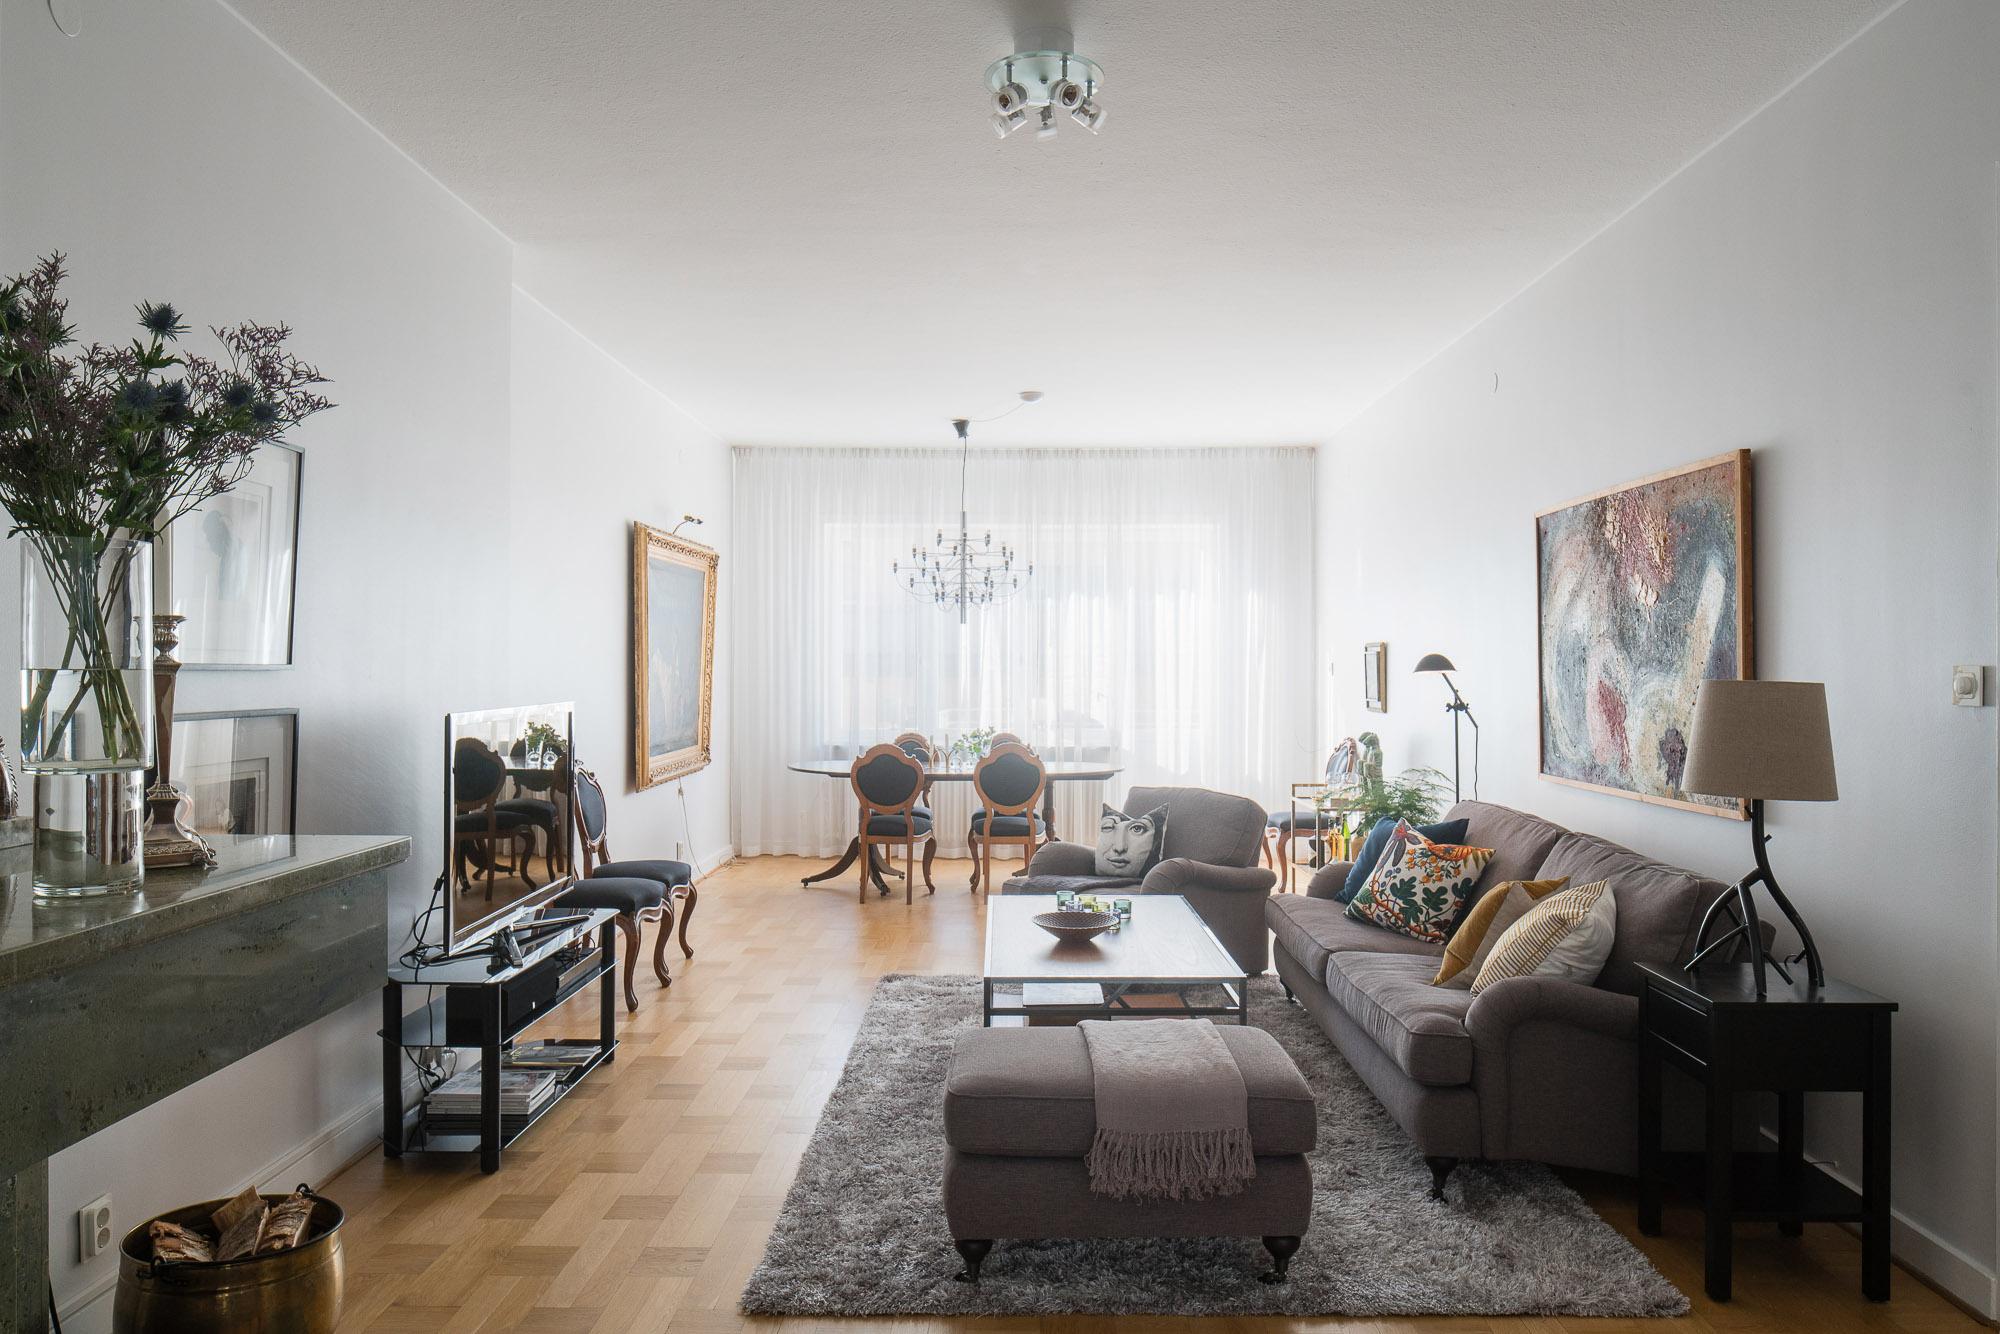 Căn hộ vì Bán tại Beautiful city apartment Stockholm, Stockholm Thụy Điển